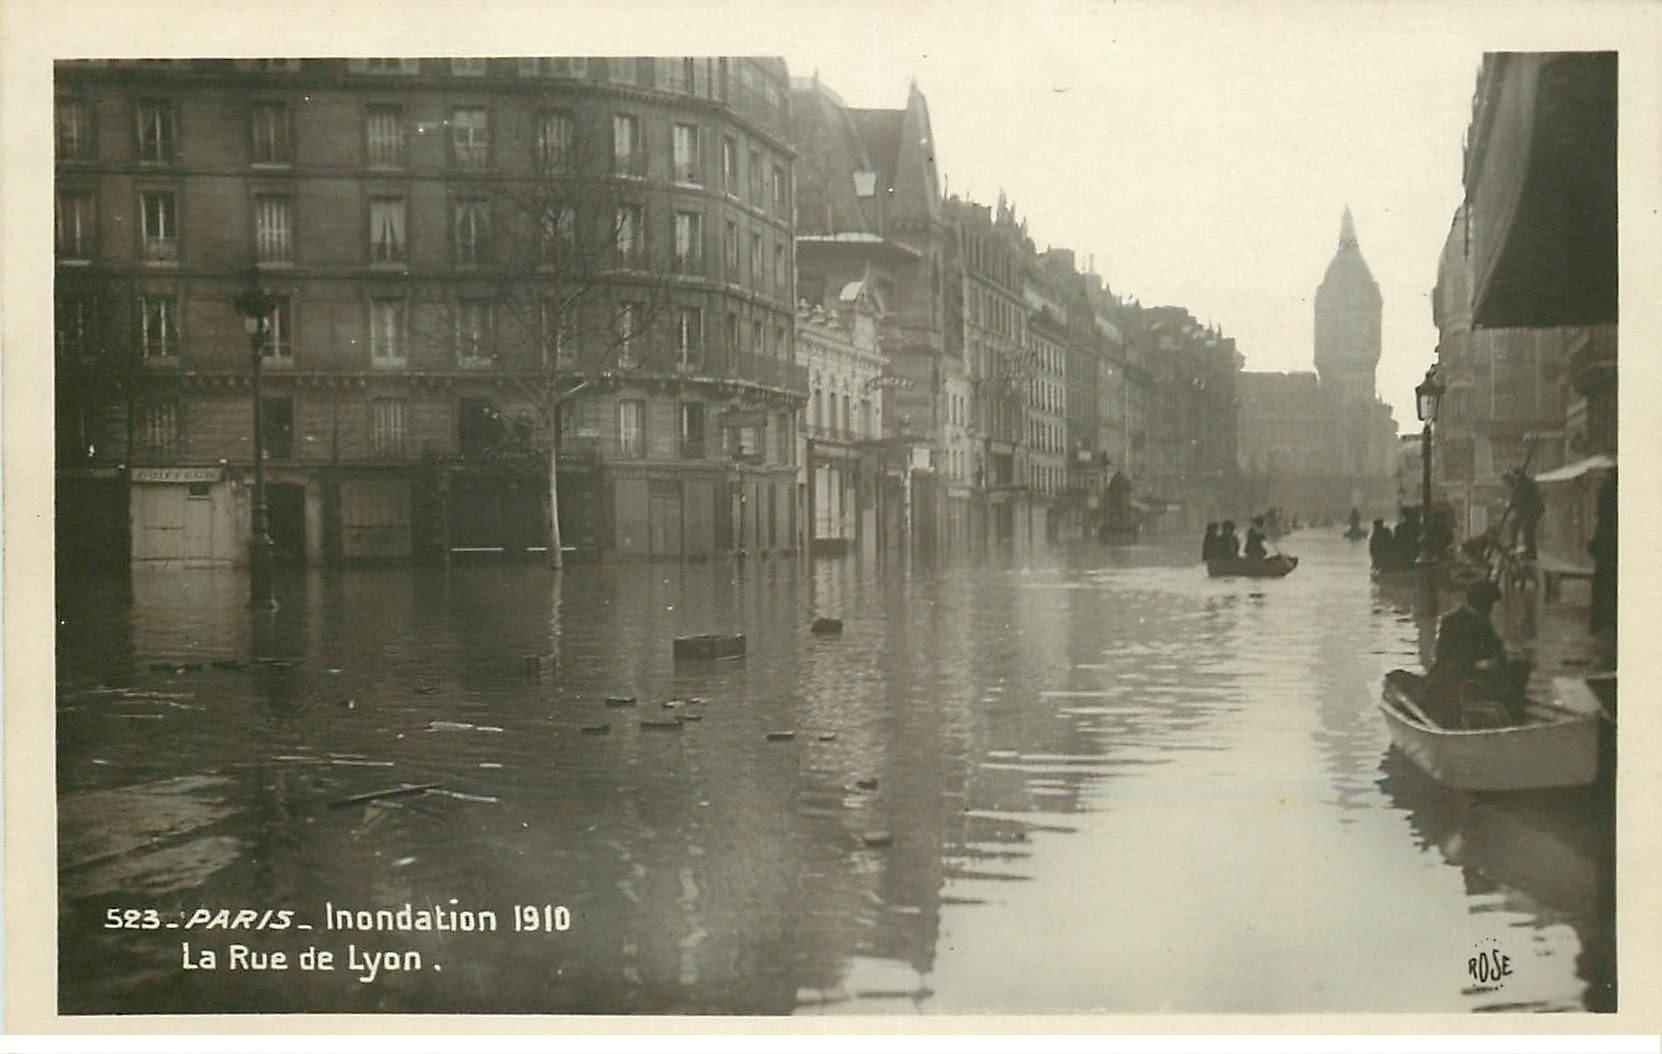 carte postale ancienne INONDATION ET CRUE PARIS 1910. Rue de Lyon 523